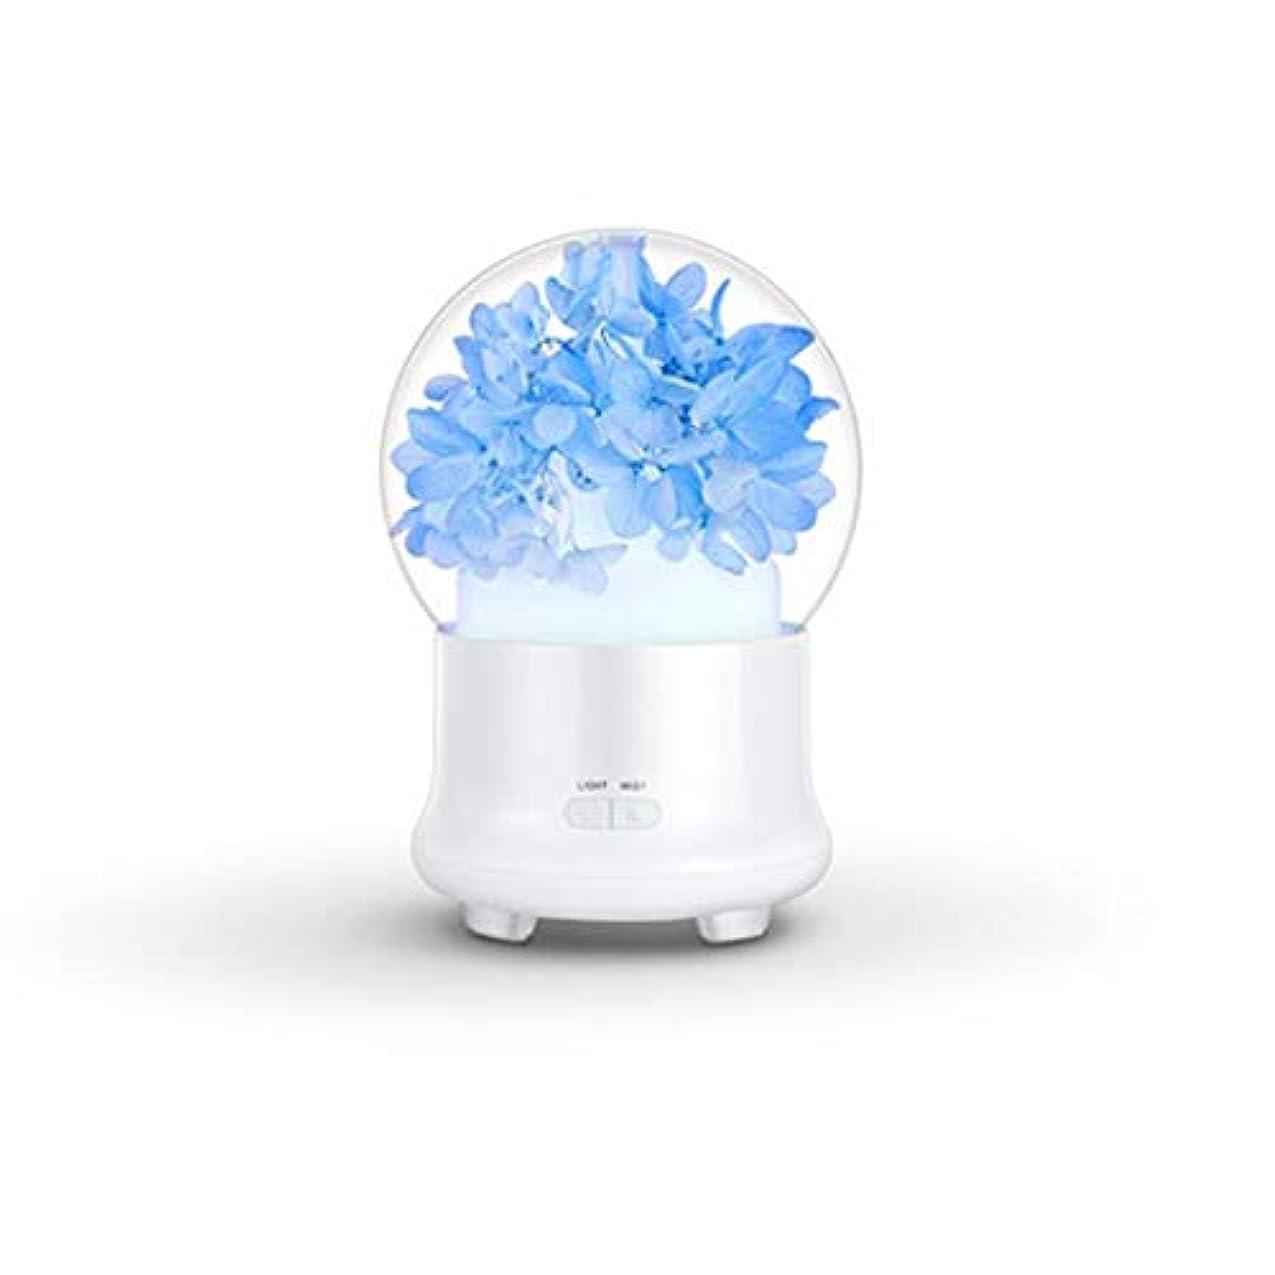 規制力強いロールACHICOO アロマディフューザー 加湿器 花 電気 カラフル LED ミストフォッガー かわいい 安全 24V 12 x 12 x 16.8cm ブルー